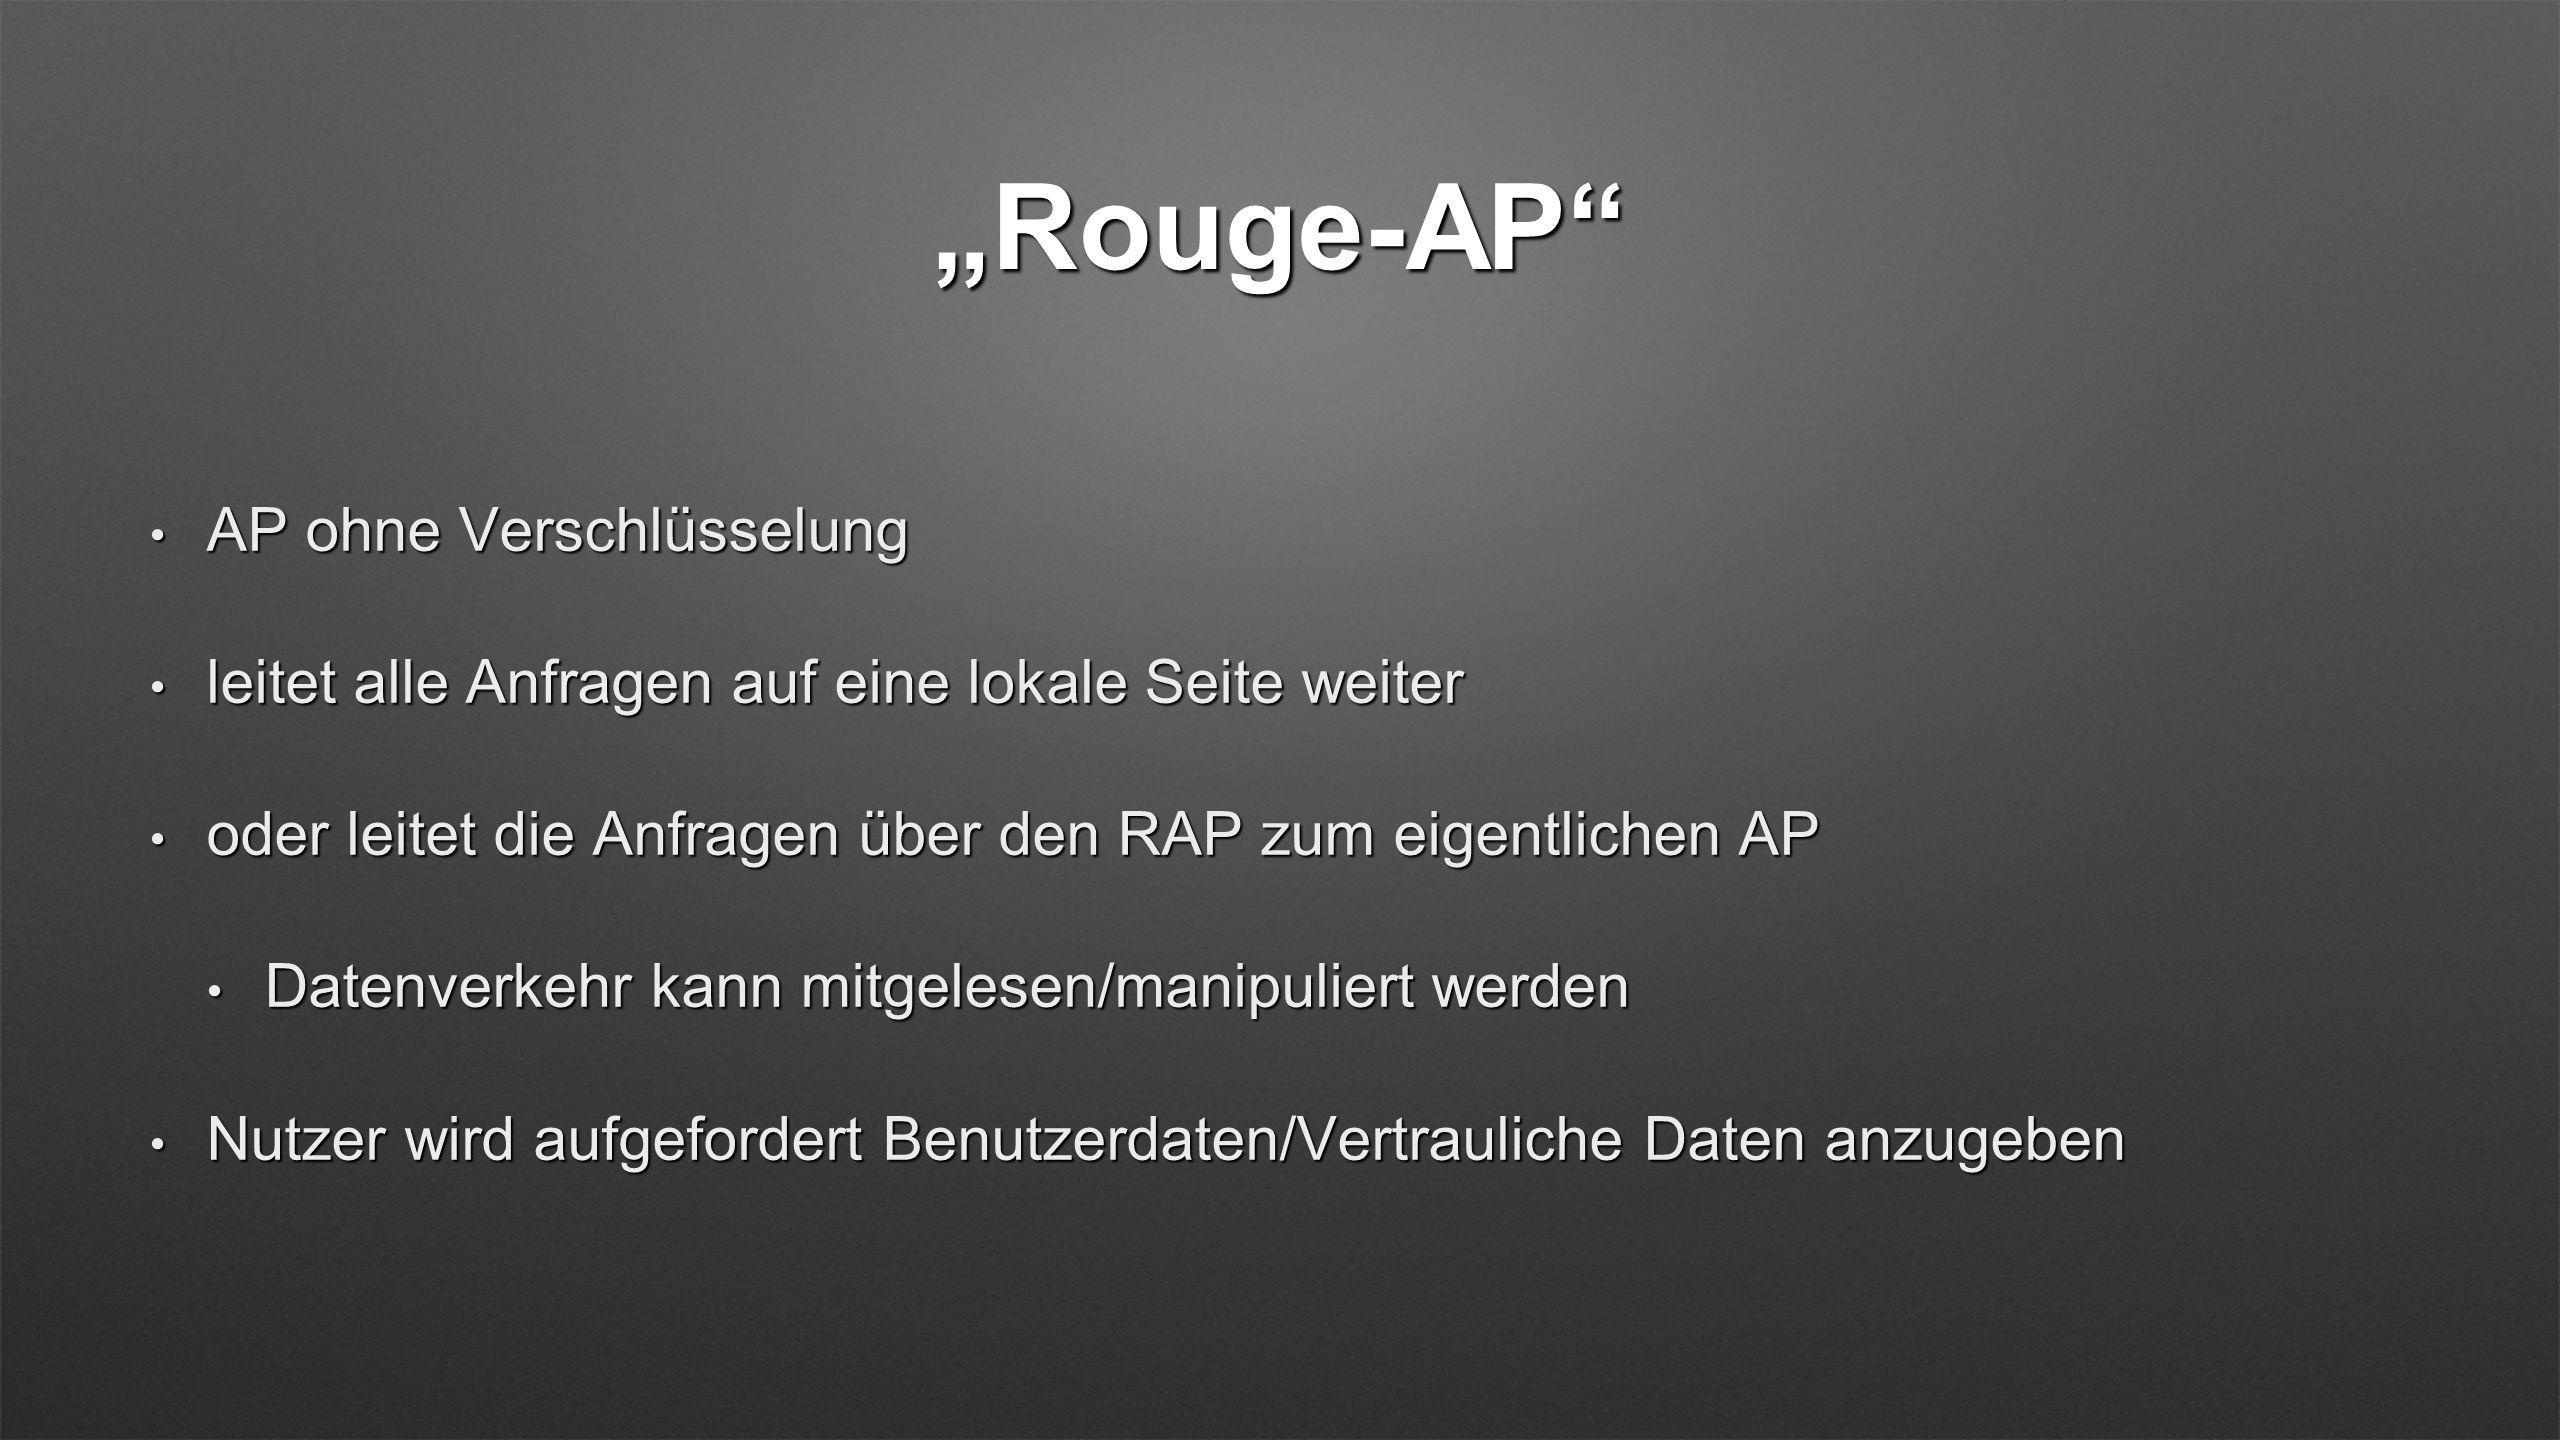 Rouge-AP AP ohne Verschlüsselung AP ohne Verschlüsselung leitet alle Anfragen auf eine lokale Seite weiter leitet alle Anfragen auf eine lokale Seite